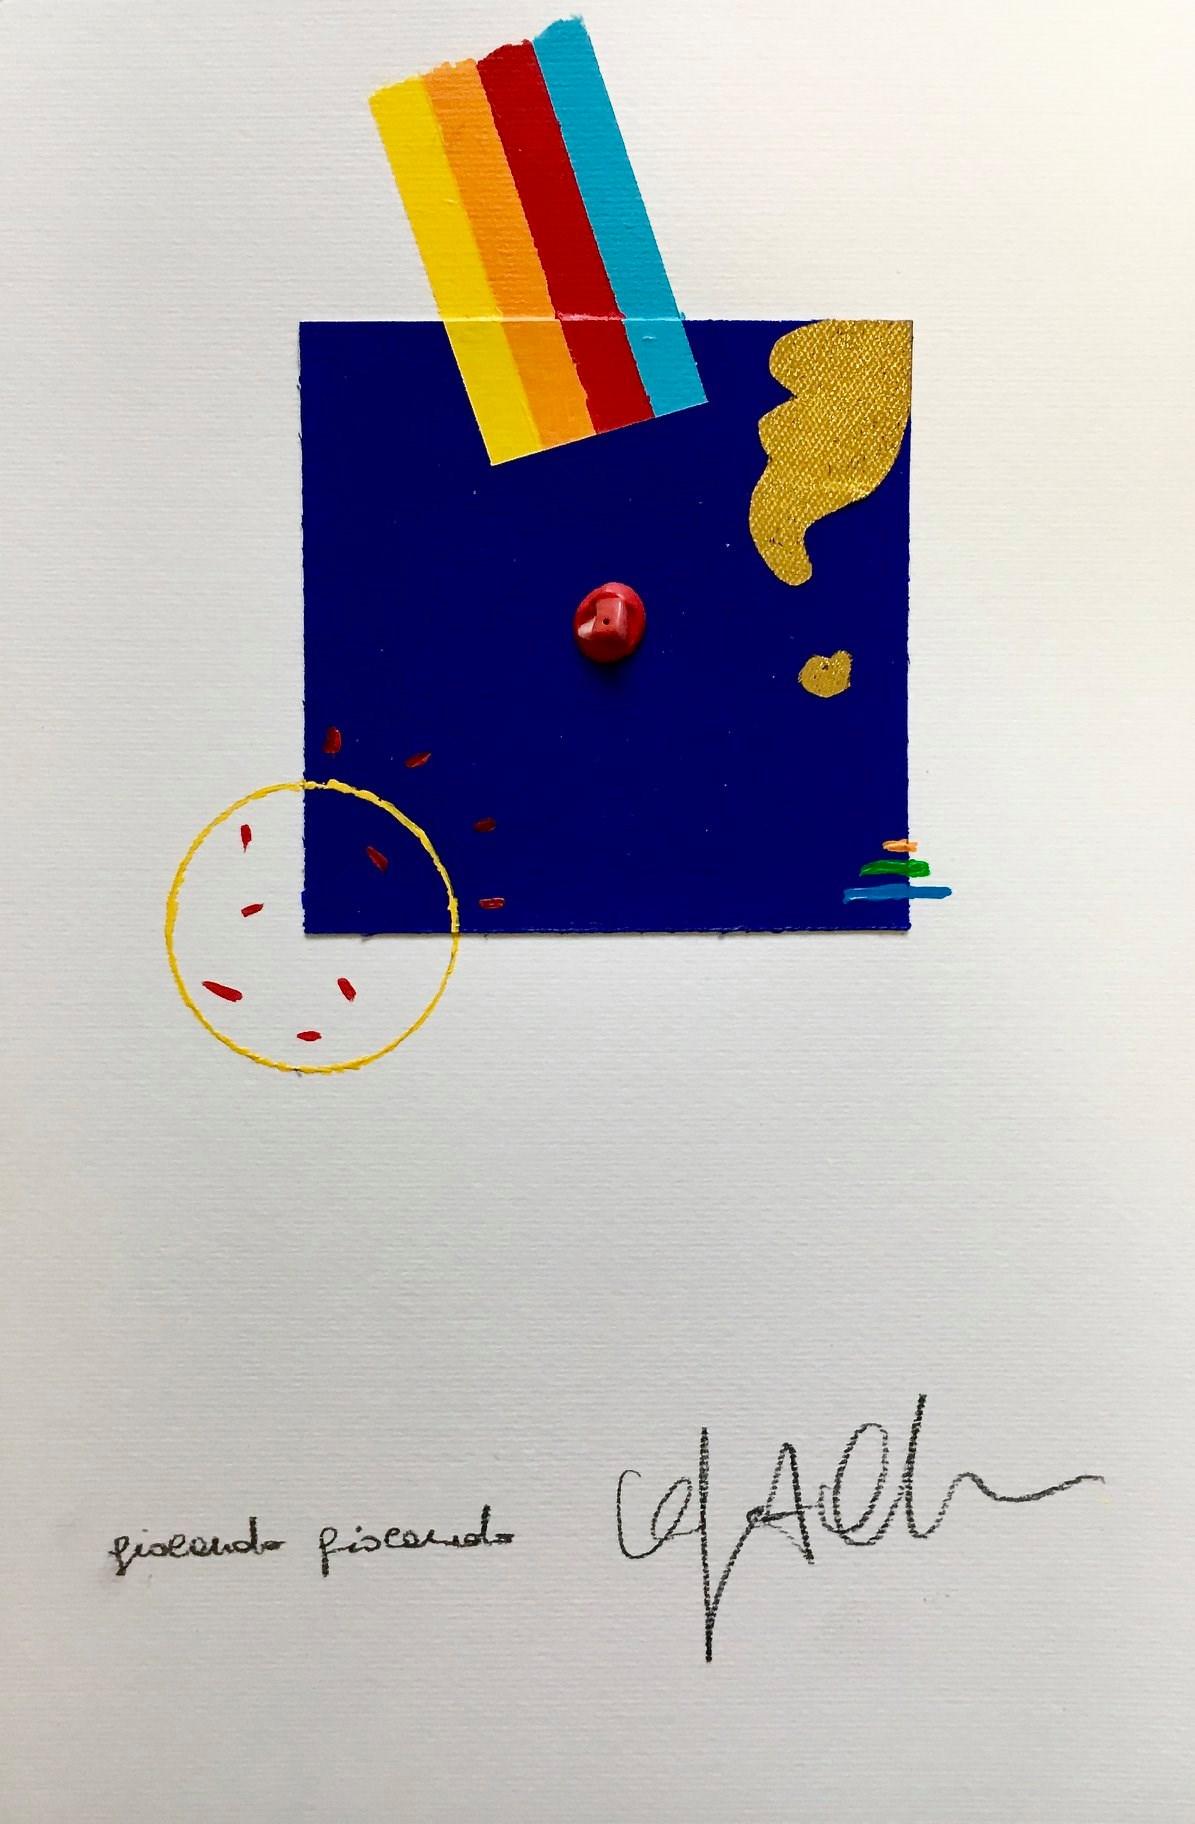 """39 / ORFEO OLIVATO, """"BLU/GIOCANDO GIOCANDO"""", 20 x 30 cm."""